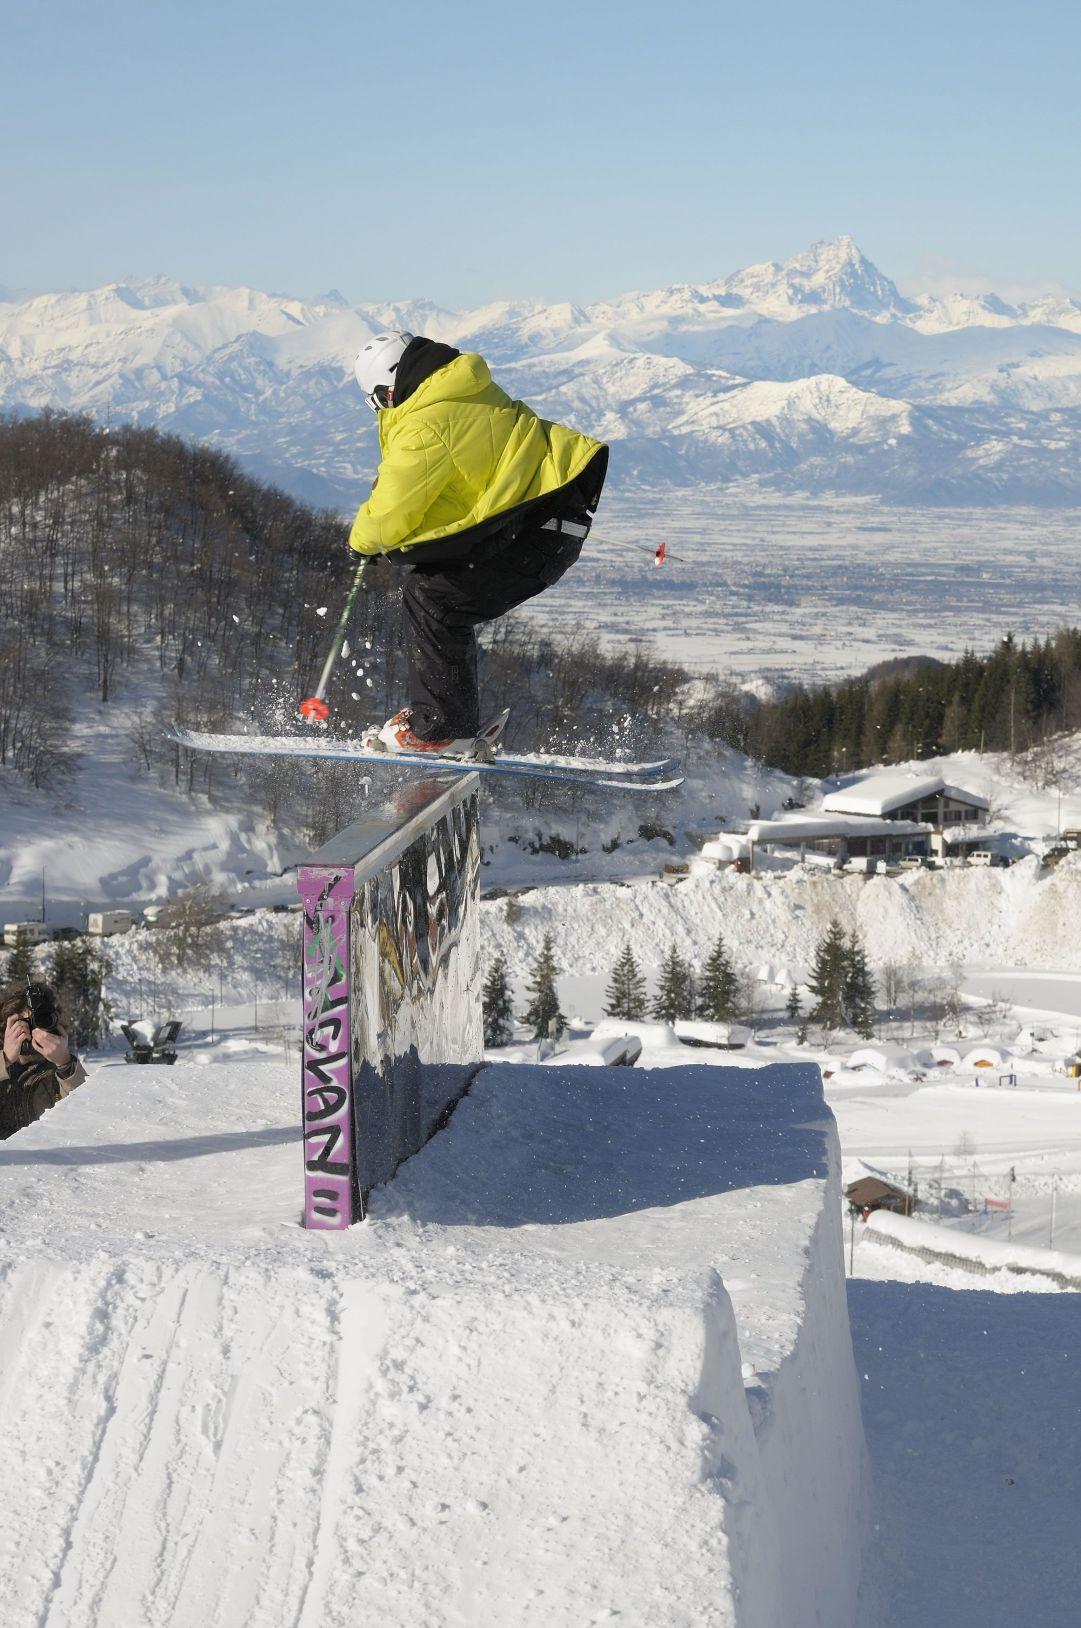 Foto scattata a Prato Nevoso (CN) in occasione della competizione RailWayToHeaven. Skier: Andrea Bergamasco Foto: Matteo Ganora Nikon D300s